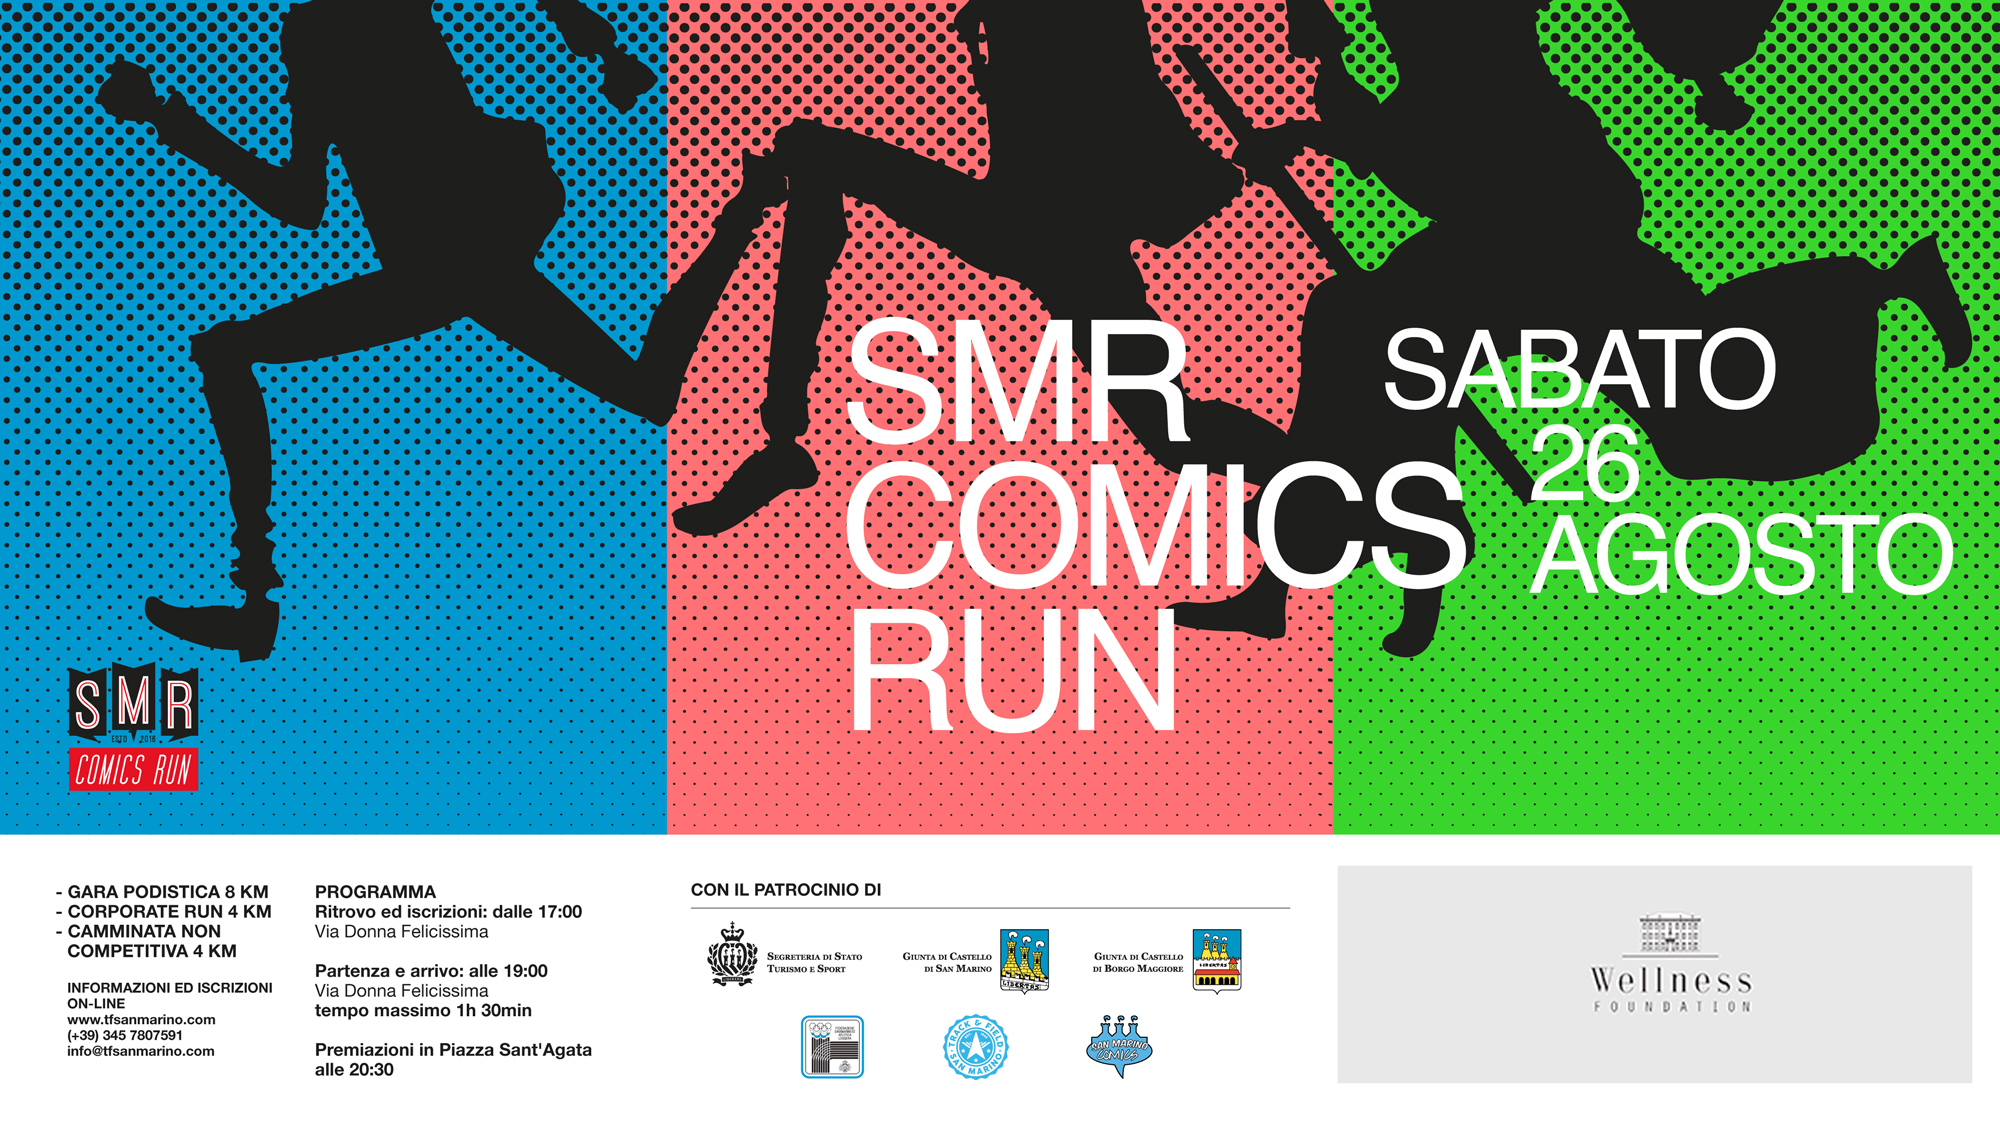 Calendario Sportivo.Smr Comics Run Entra Nel Calendario Sportivo Della Wellness